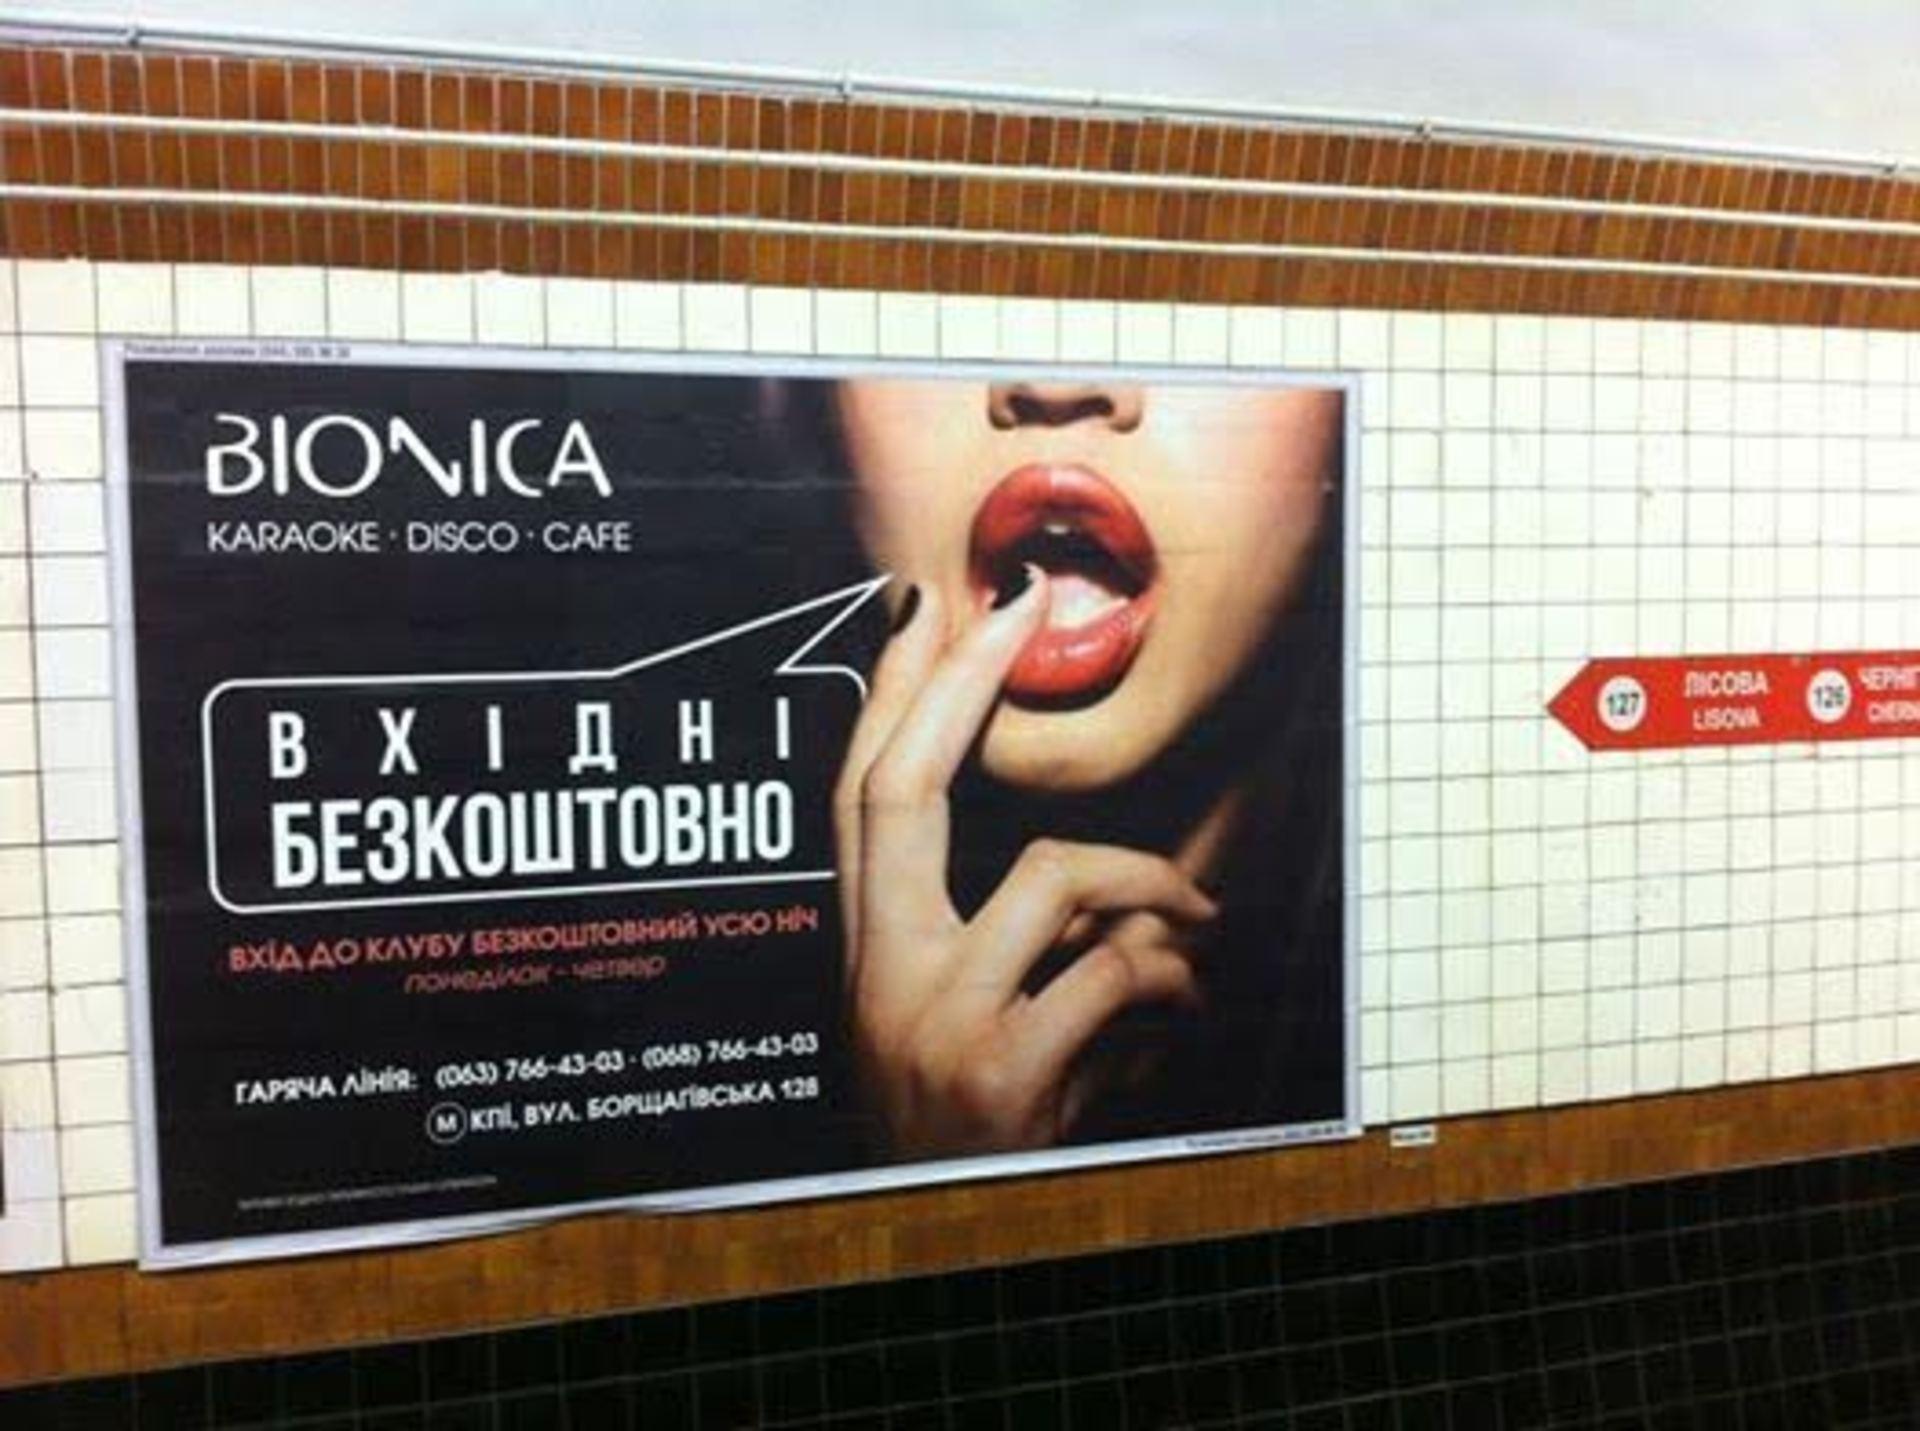 Власти Украины ввели закон, который будет наказывать за сексизм в рекламе - фото №2